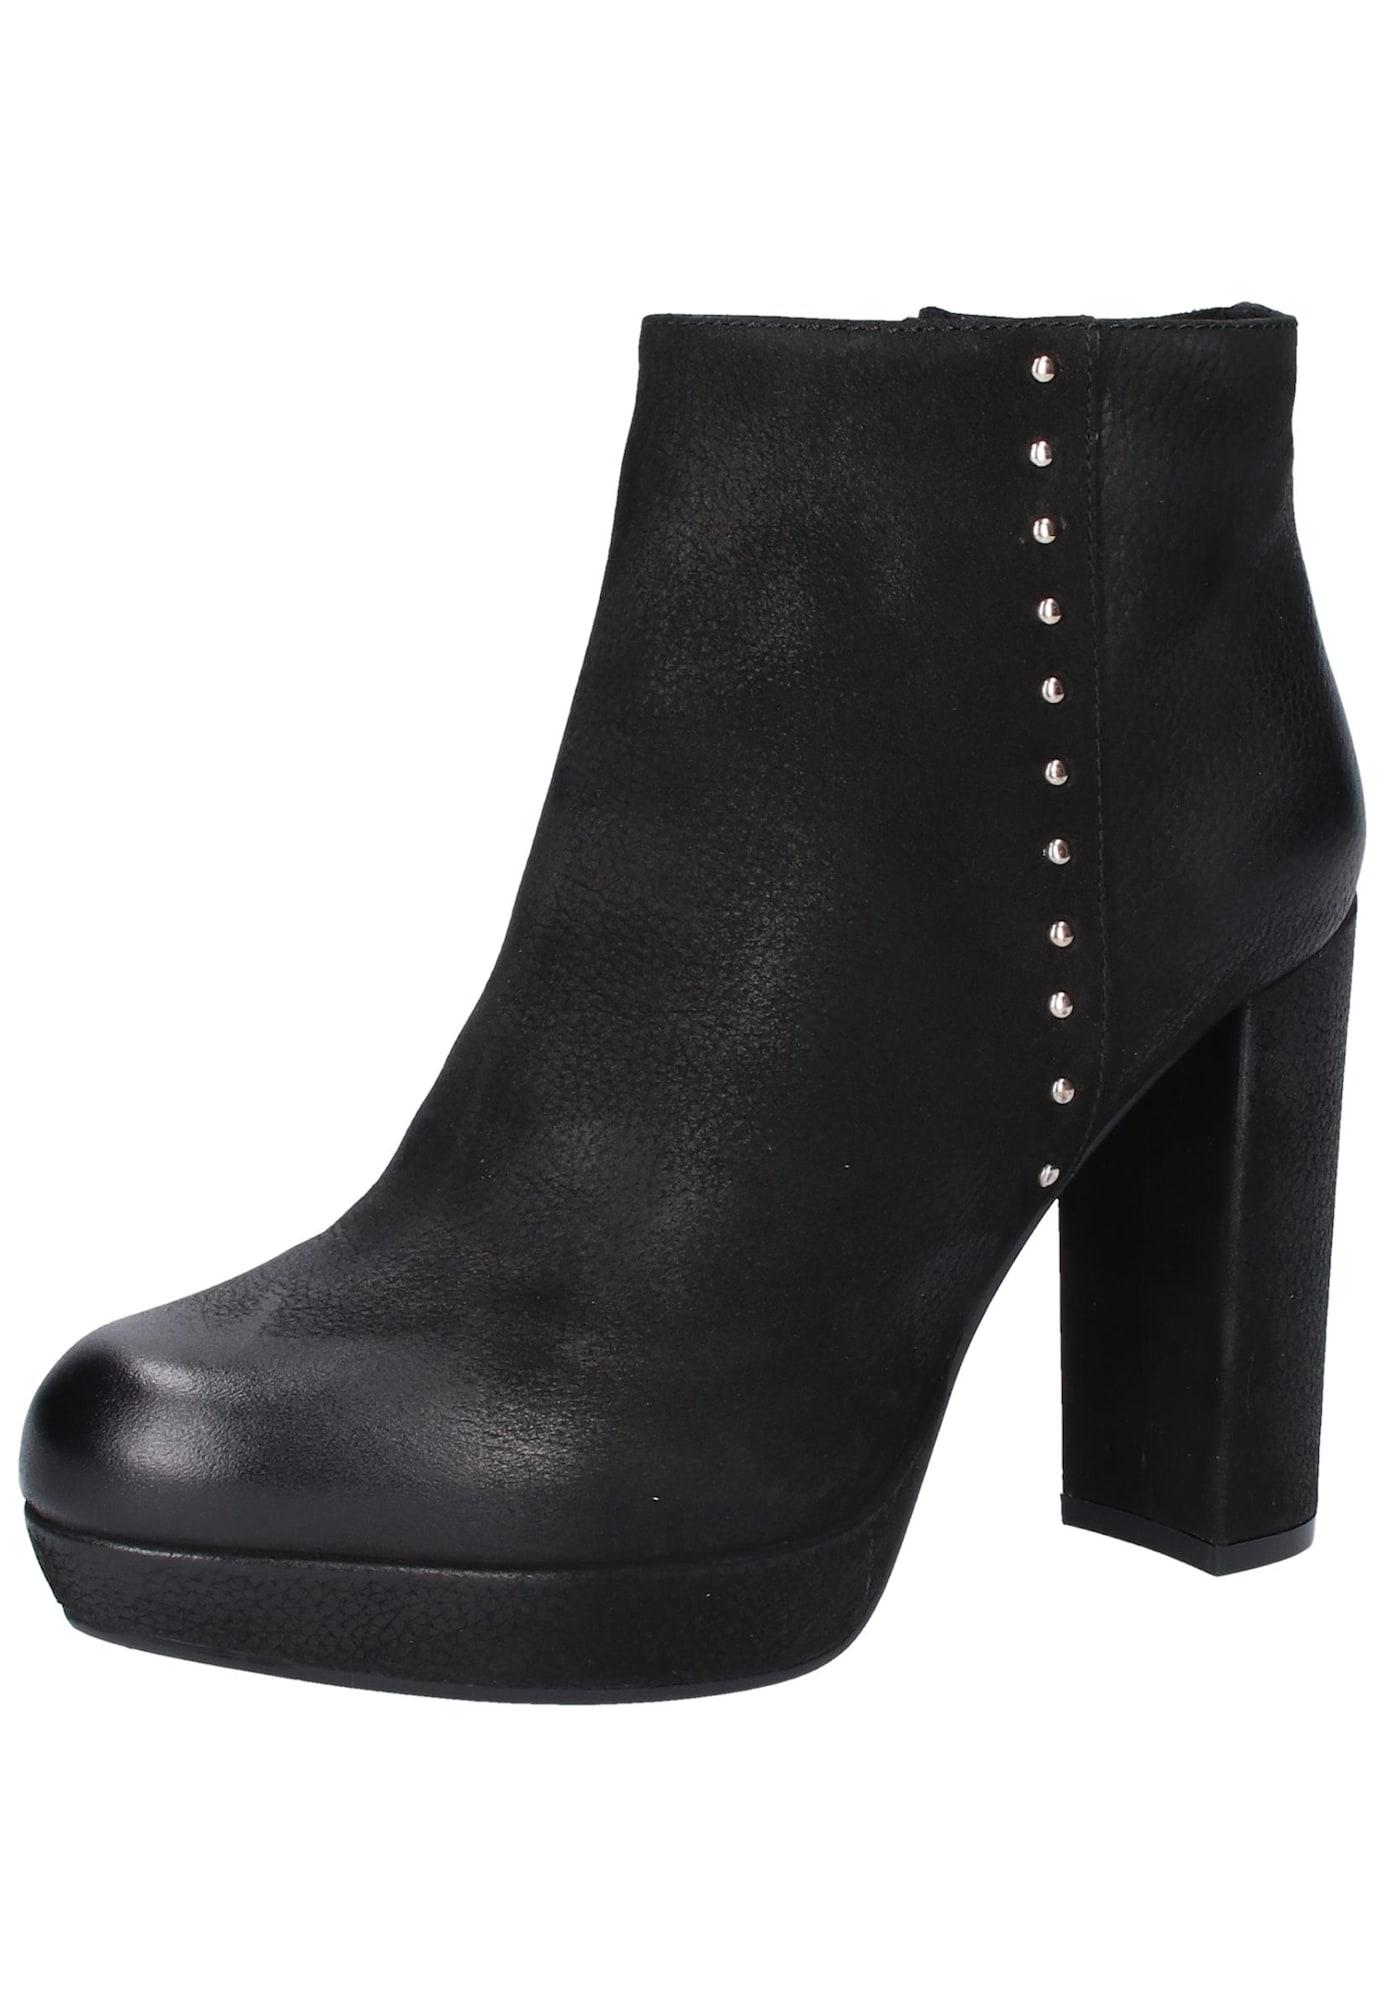 Kotníkové boty Nastud černá SPM